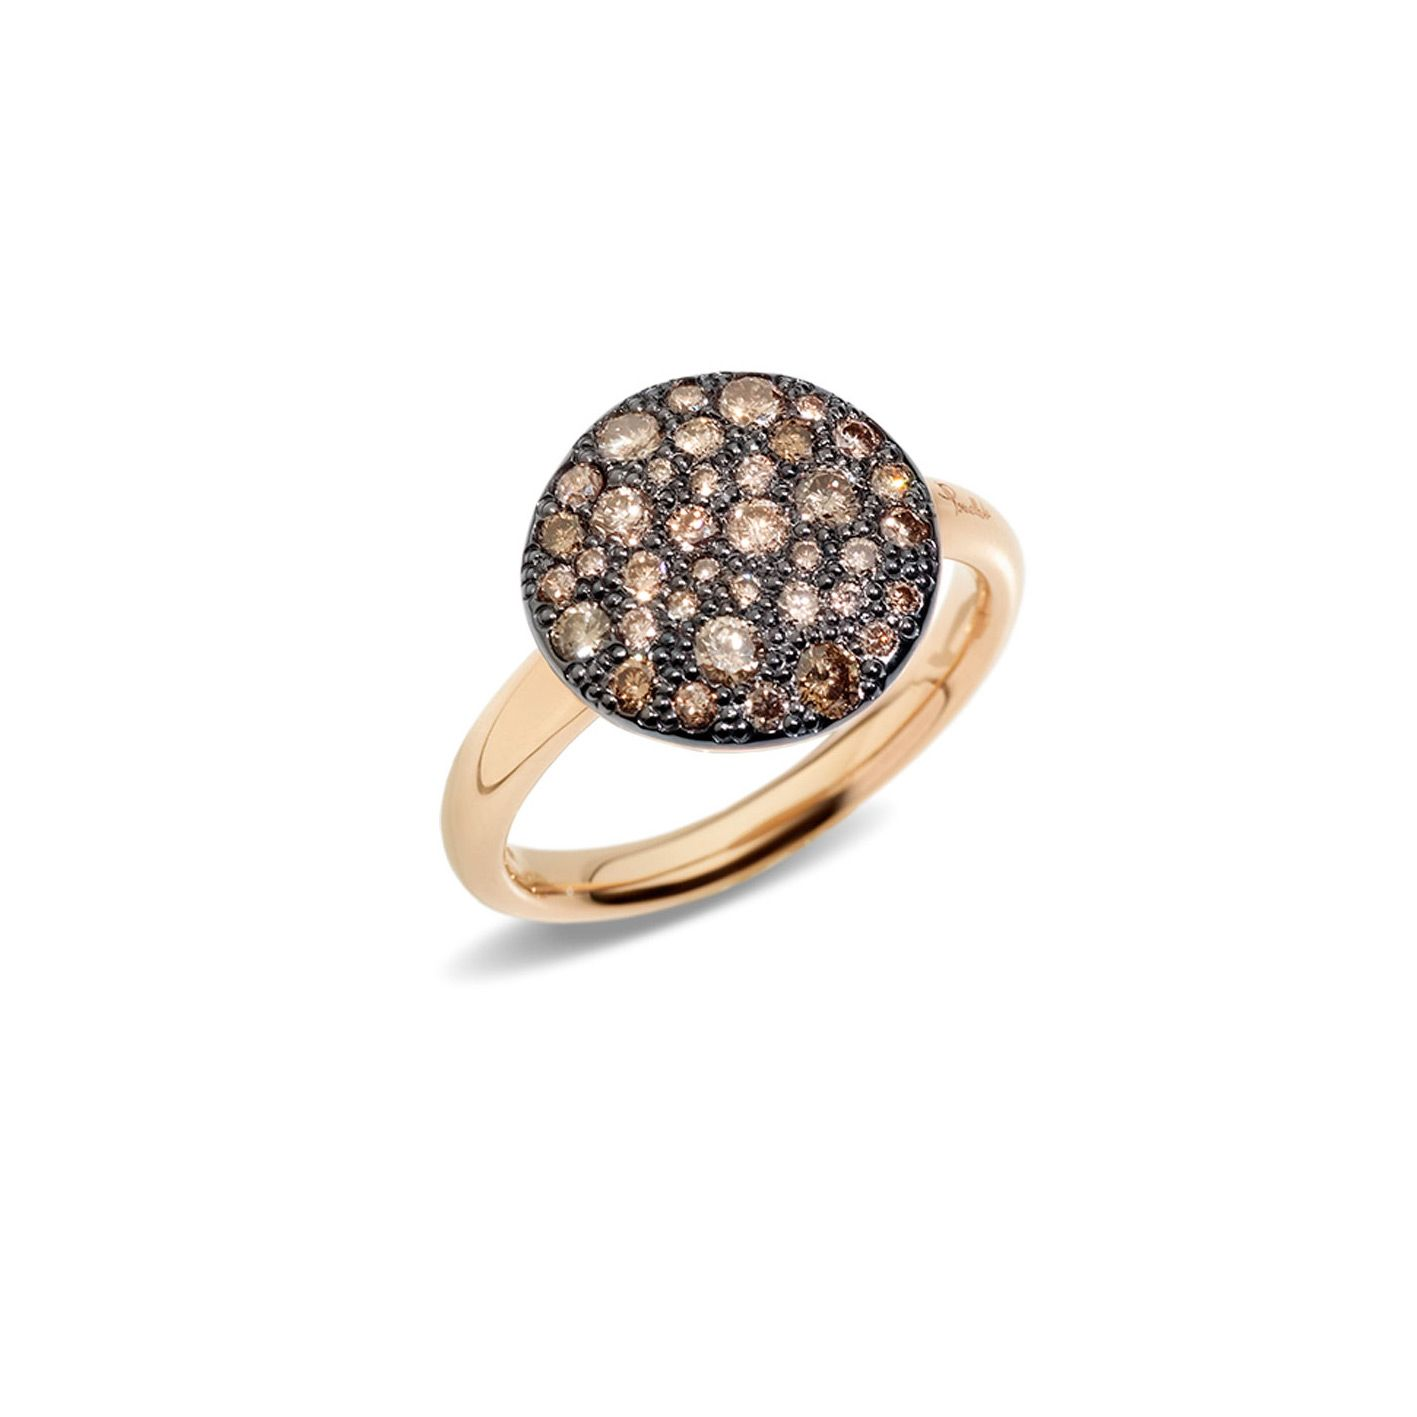 Bague Pomellato Sabbia en Or rose et Diamant brun vue 1